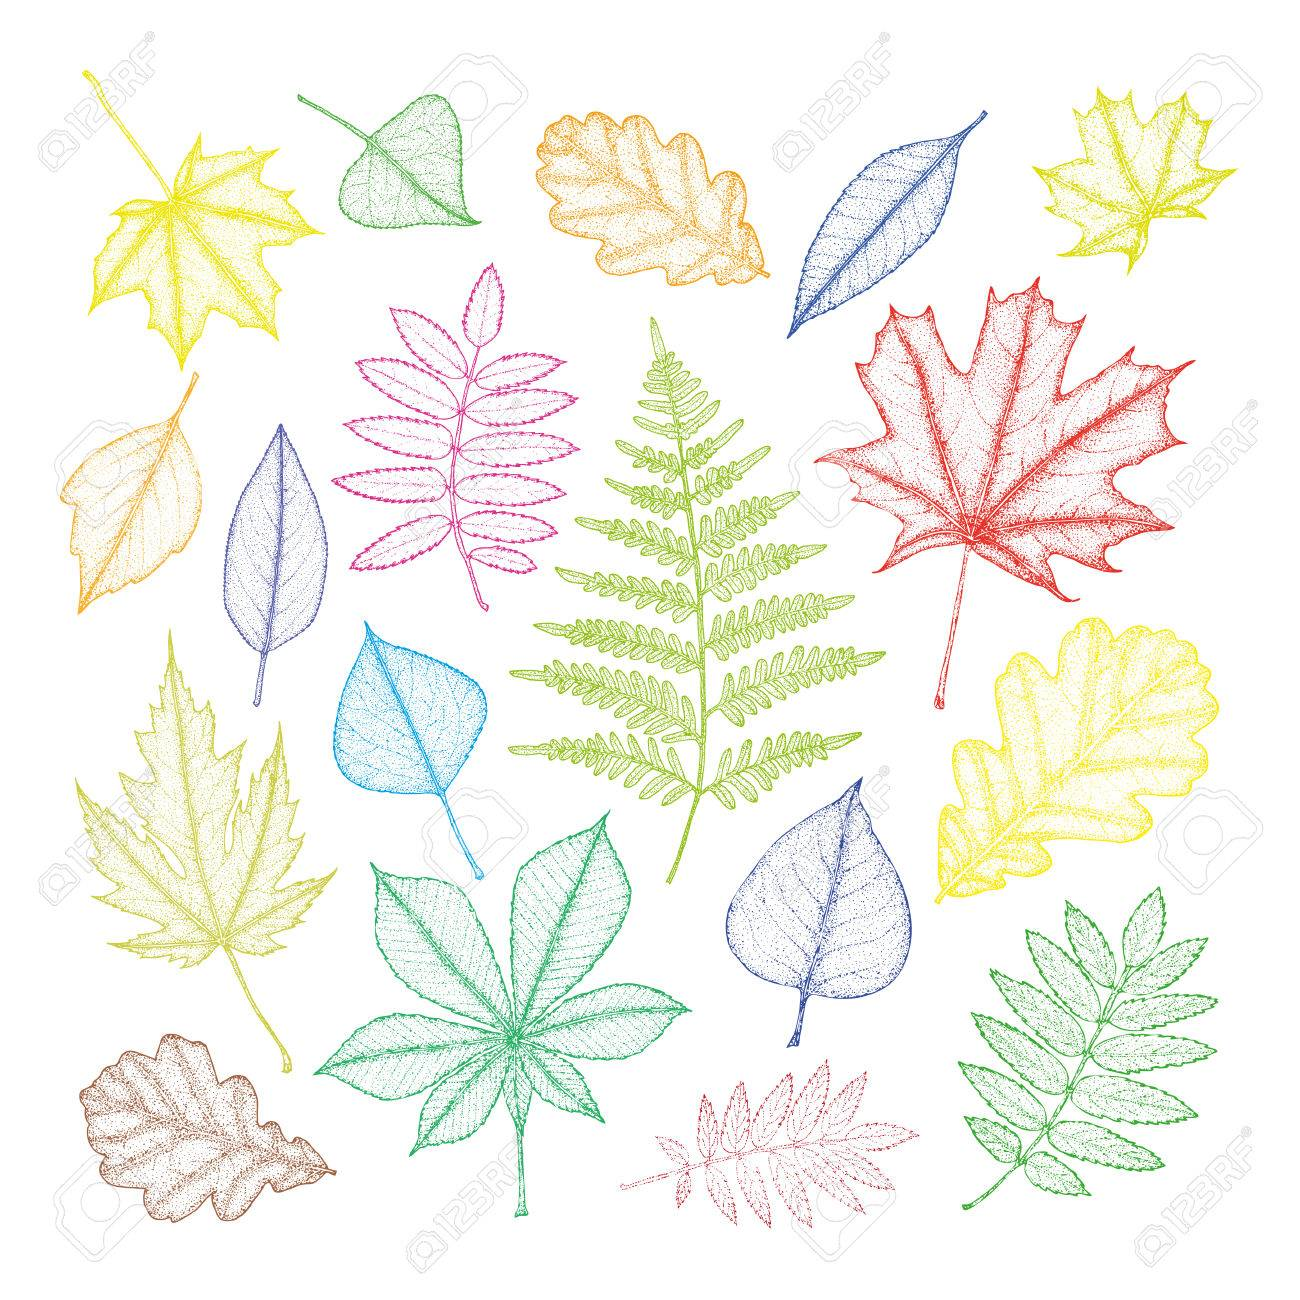 Gran Conjunto De Hojas Multicolores De Diferentes árboles Dibujo A